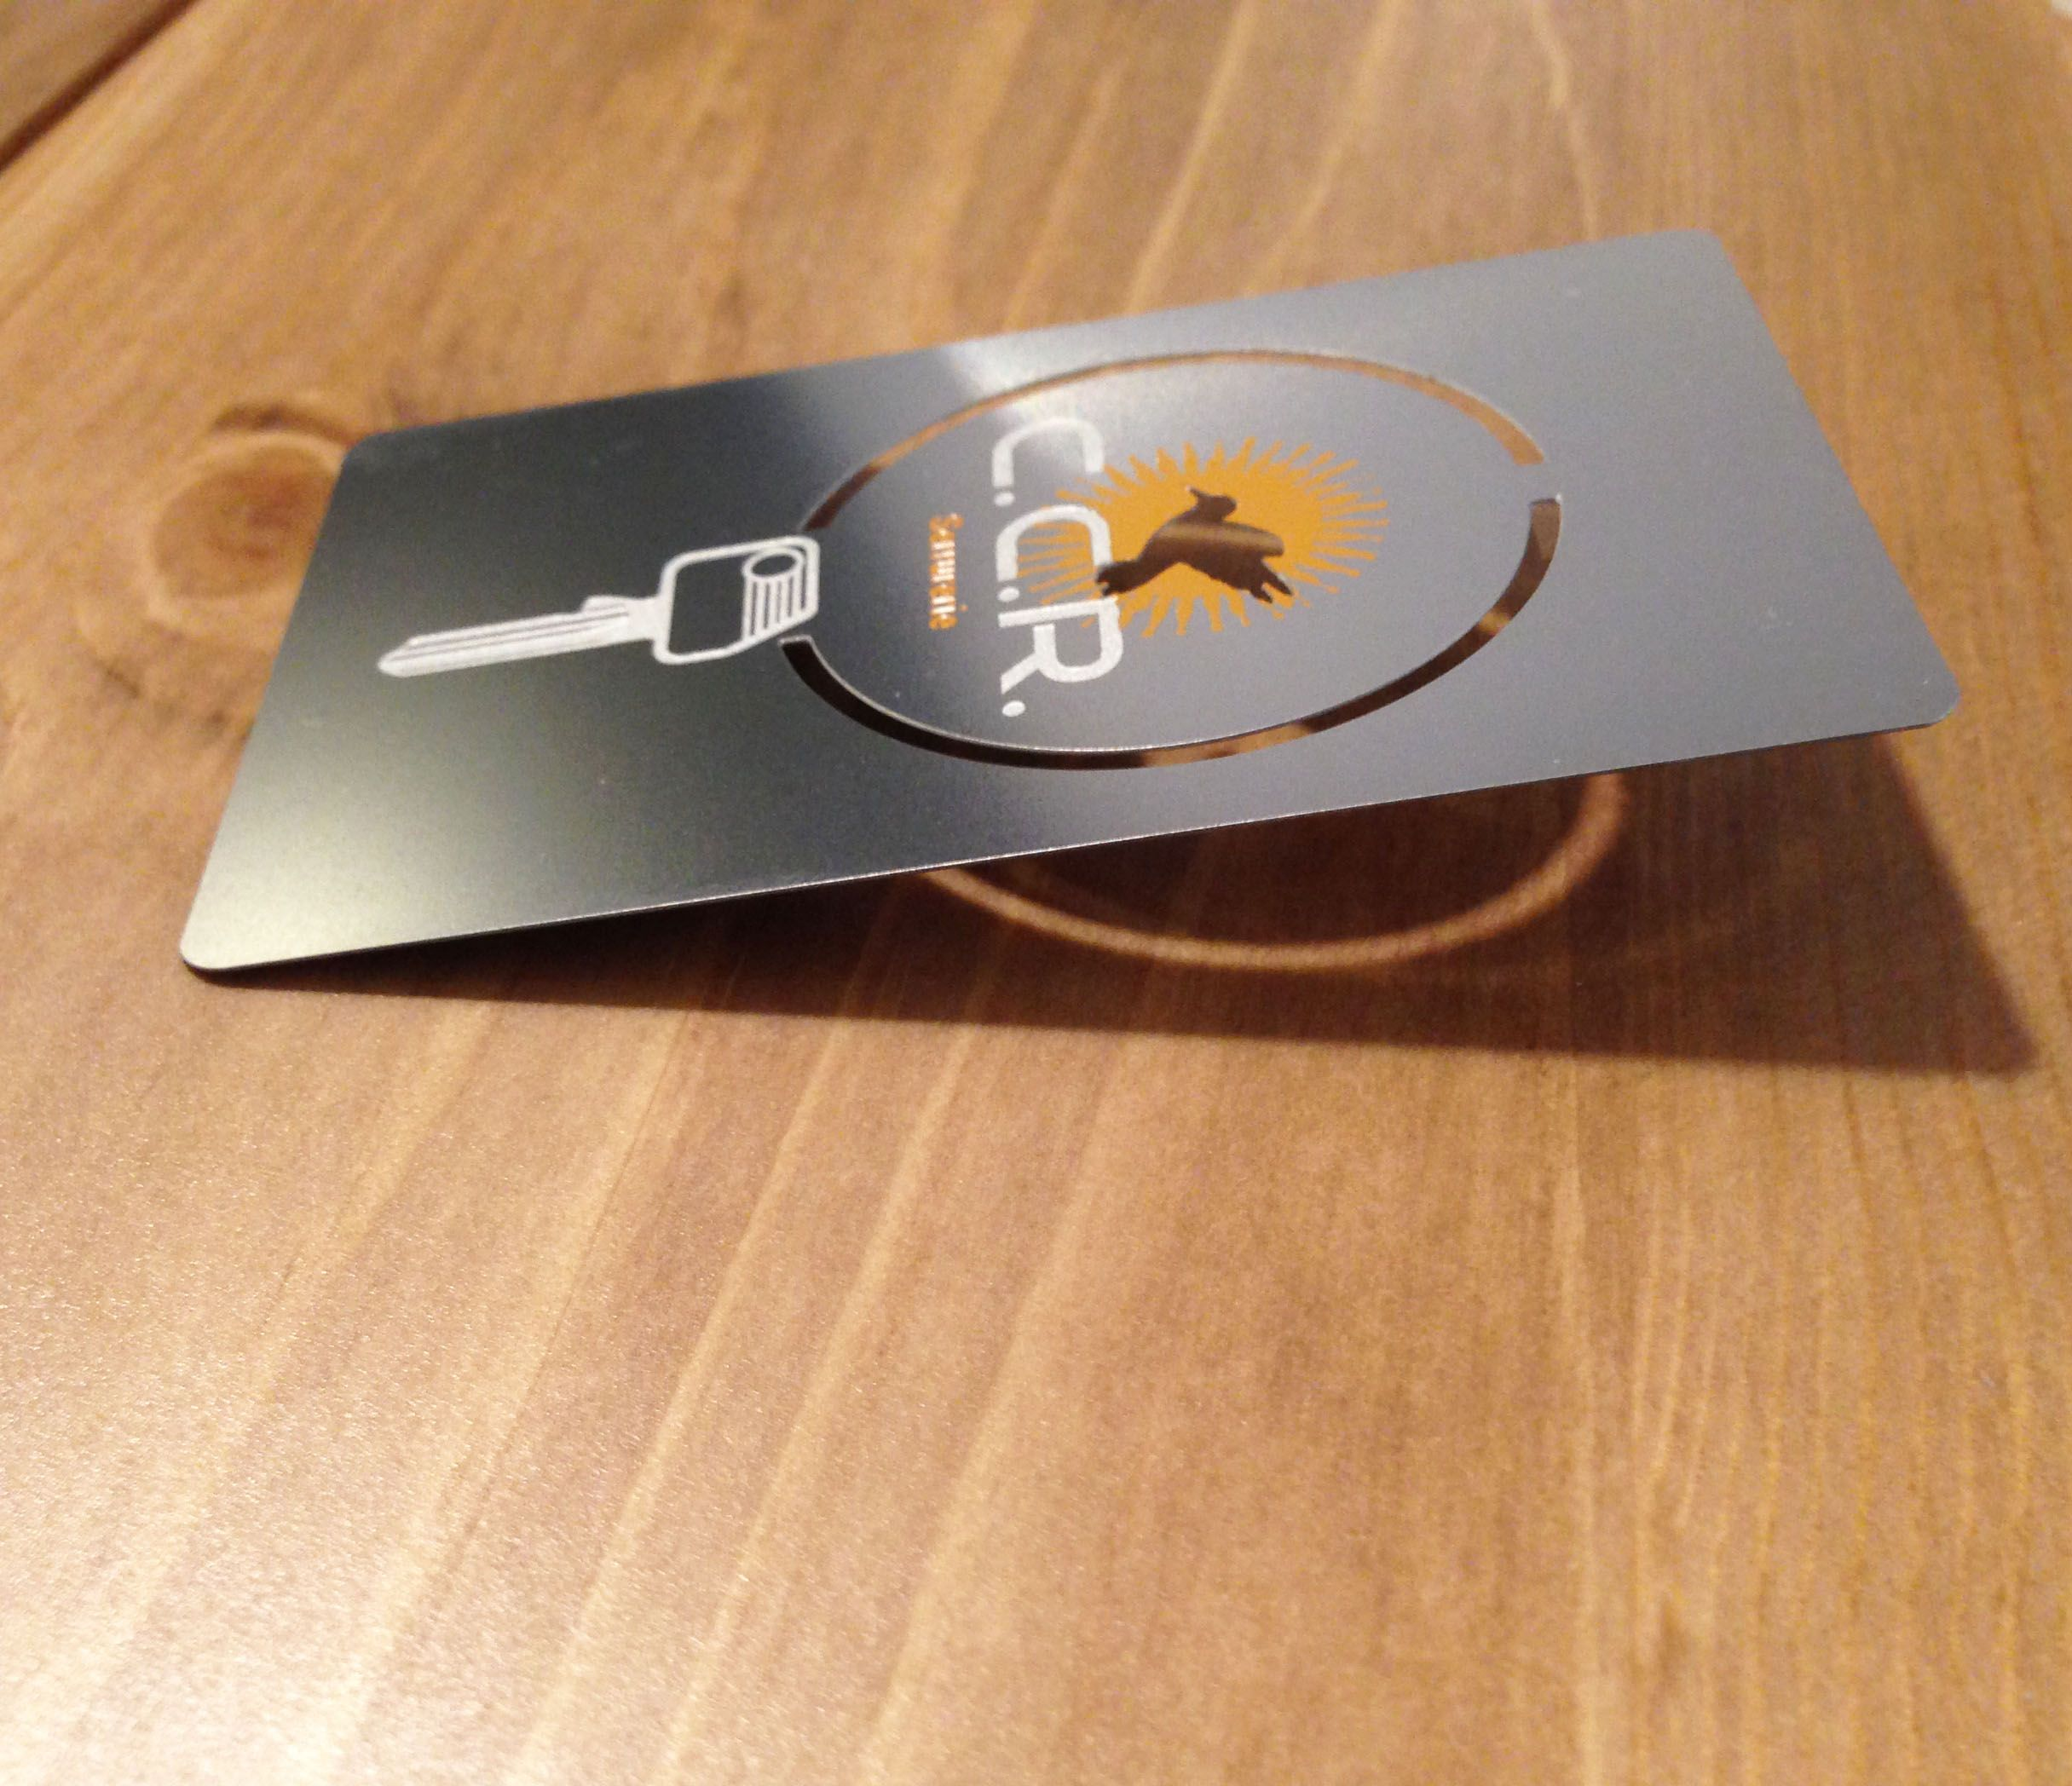 Un Serrurier Qui Ne Vous Decevra Pas Cest Forcement Avec Une Carte De Visite En Metal Ironcards Iron Cartedevisite